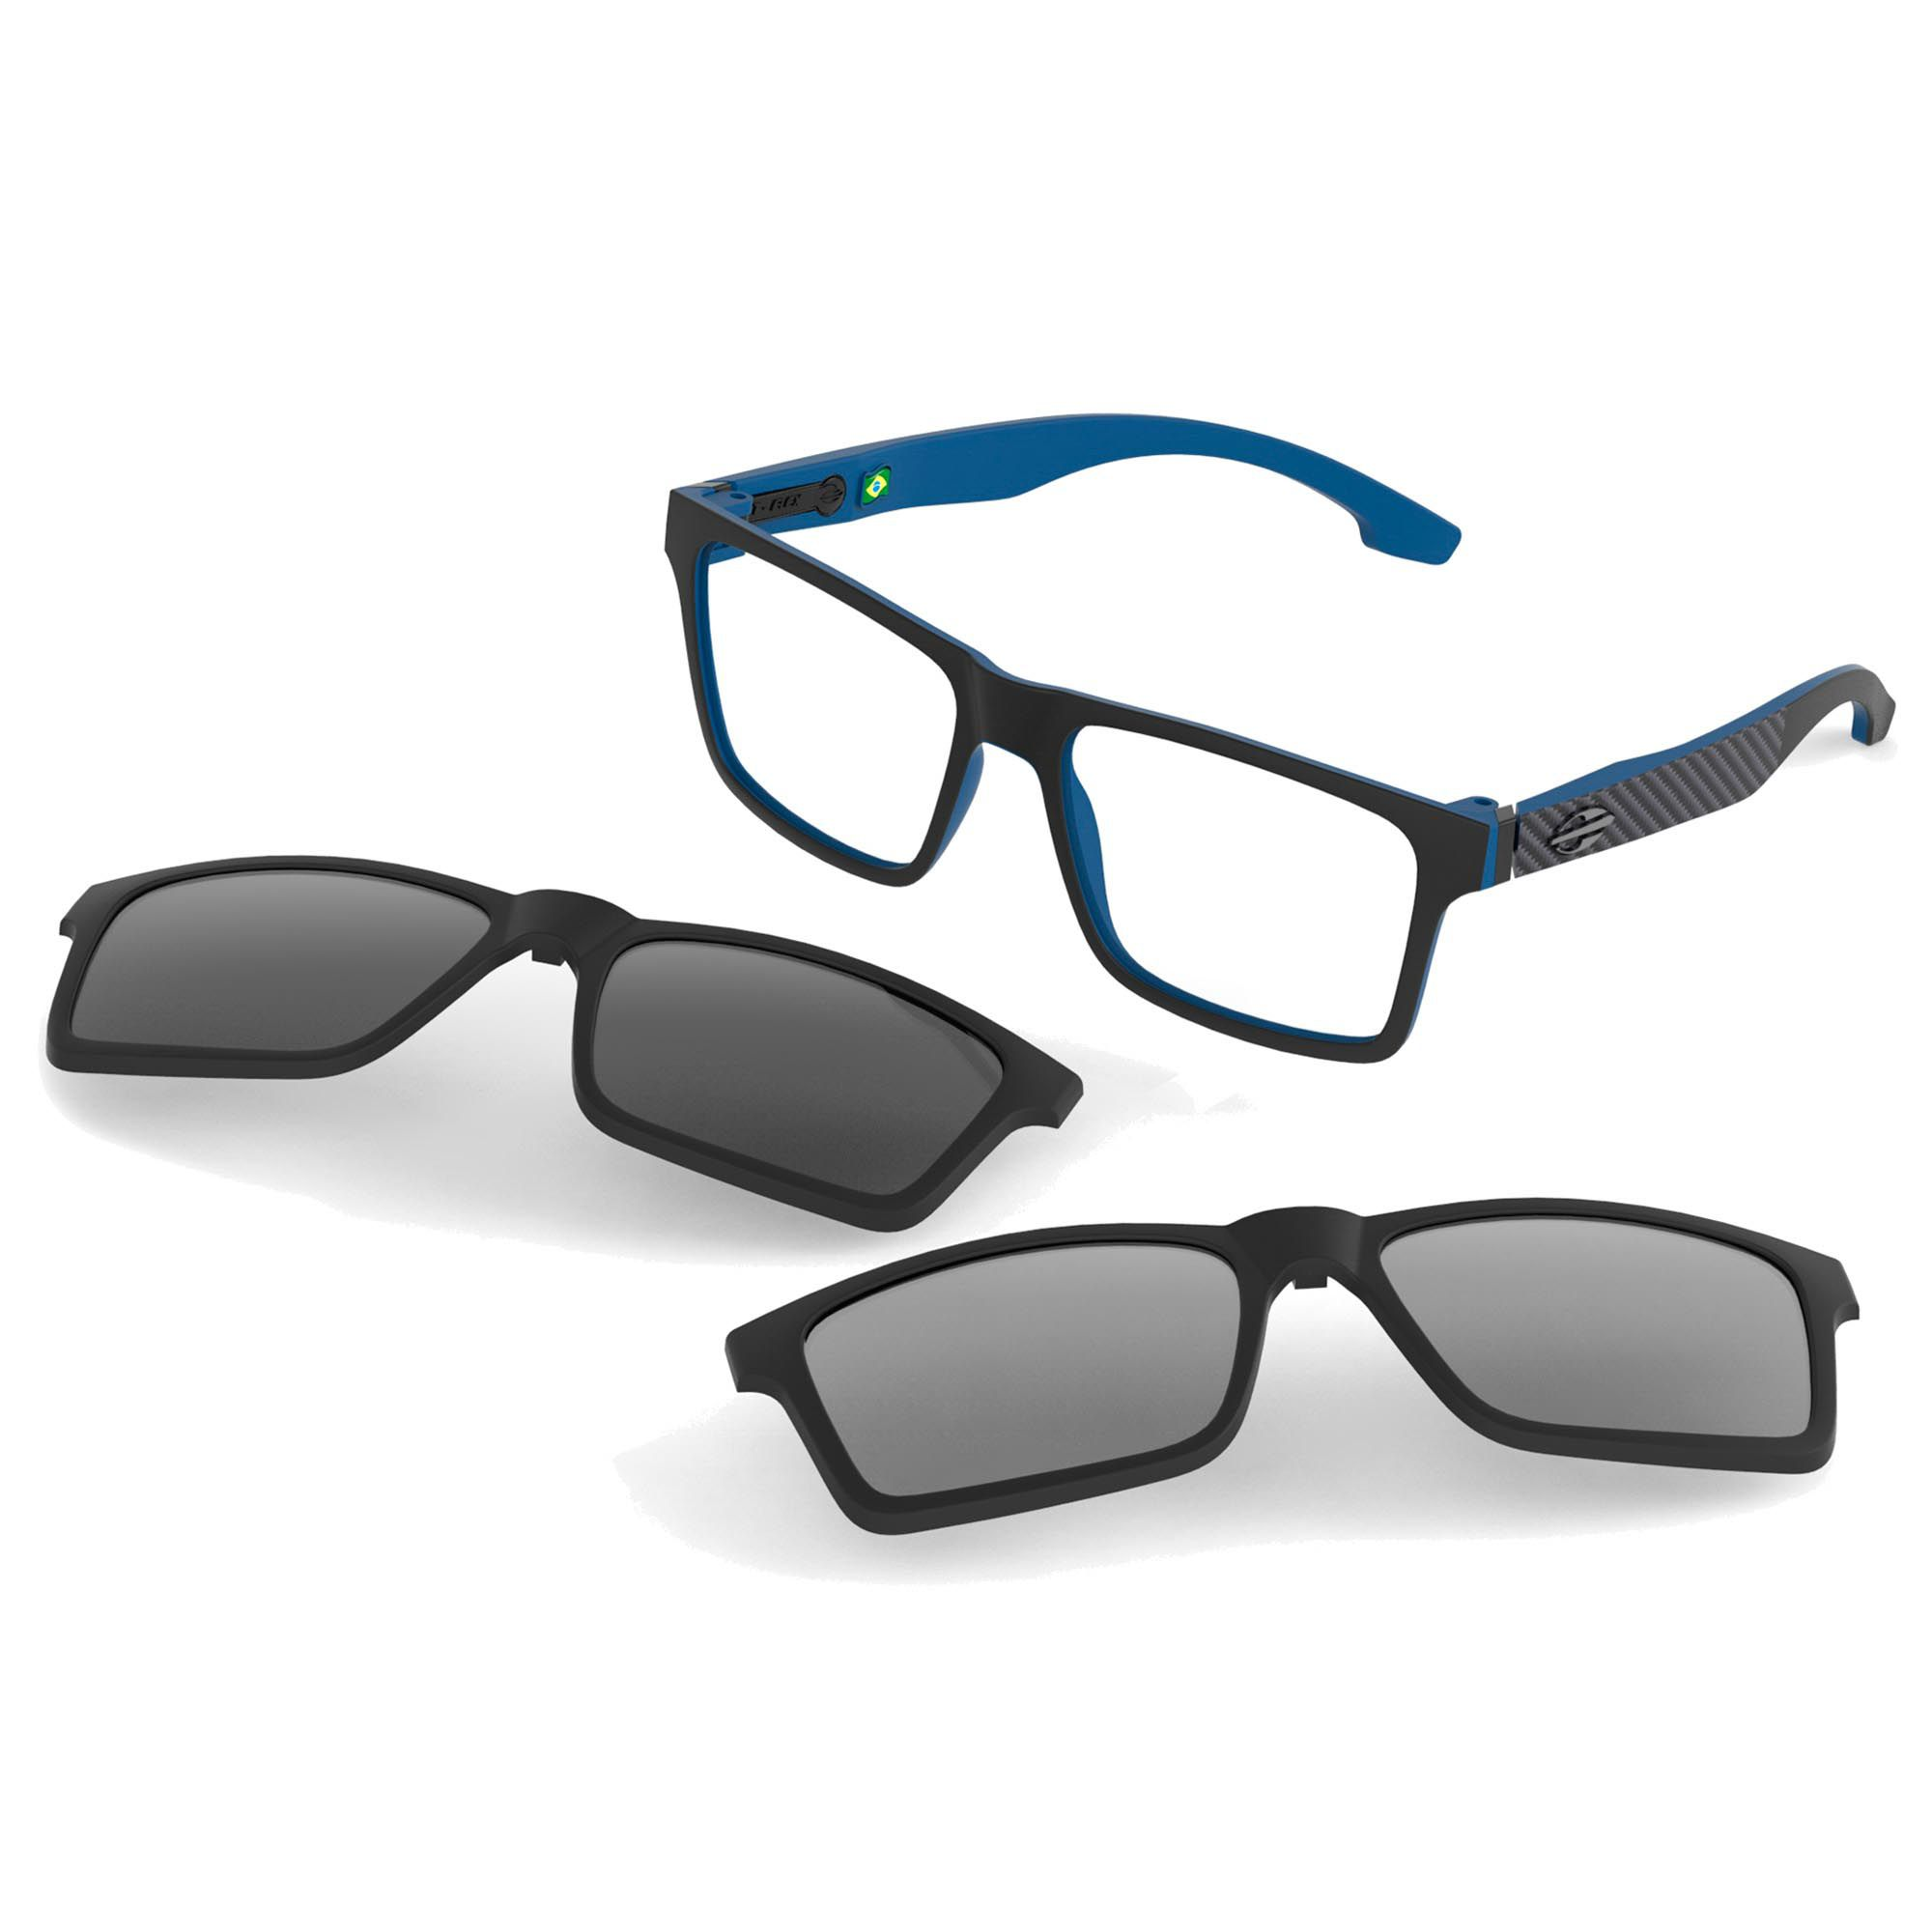 Óculos de Grau Unissex Mormaii Swap M6057AA356 Clip On Solar Polarizado